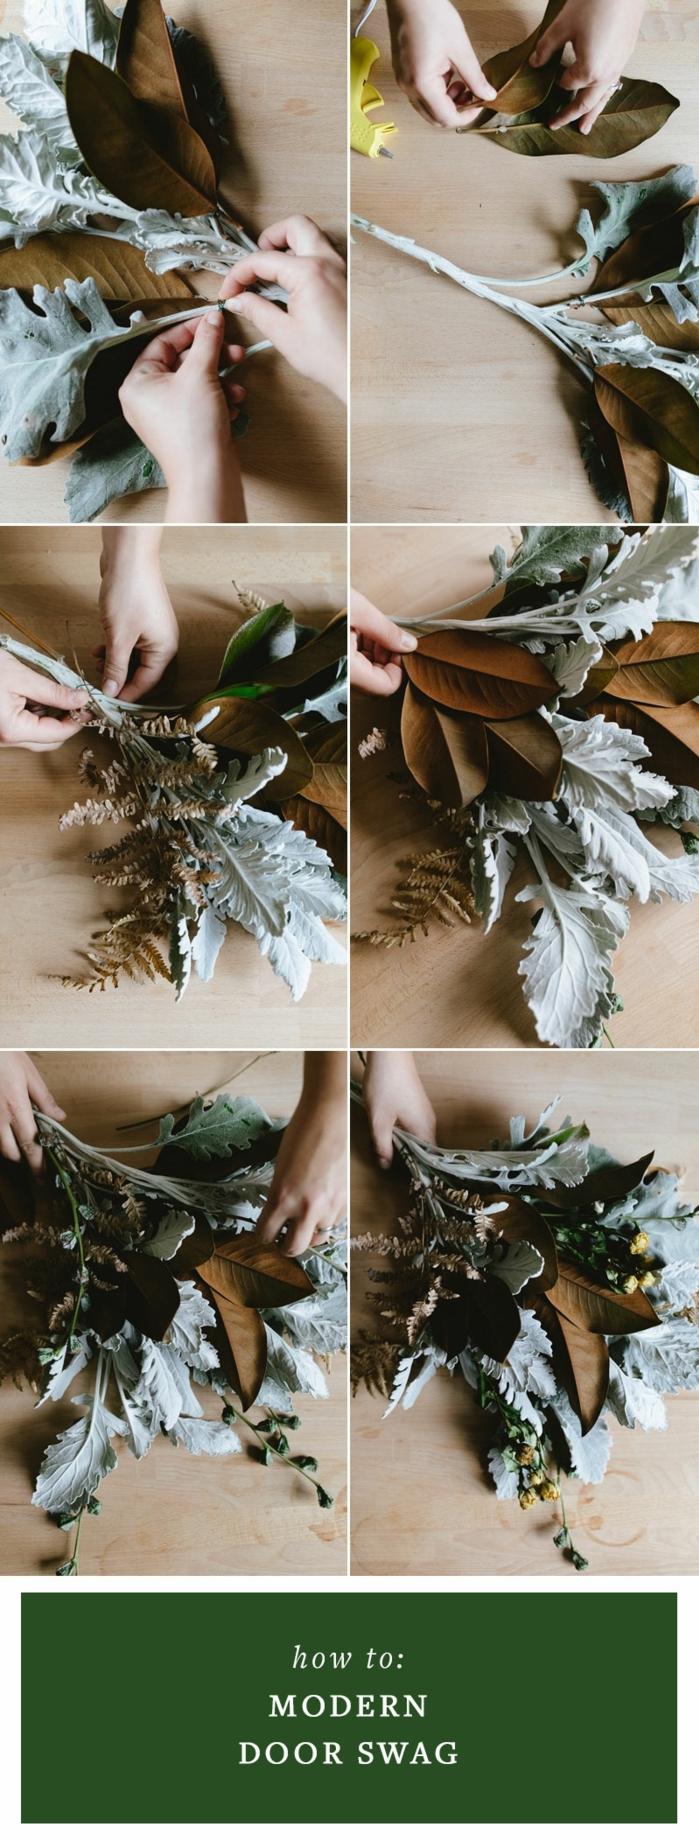 ideas sobre como hacer decoración navideña en estilo rústico, guirnaldas DIY para decorar la puerta, adornos navideños manualidades